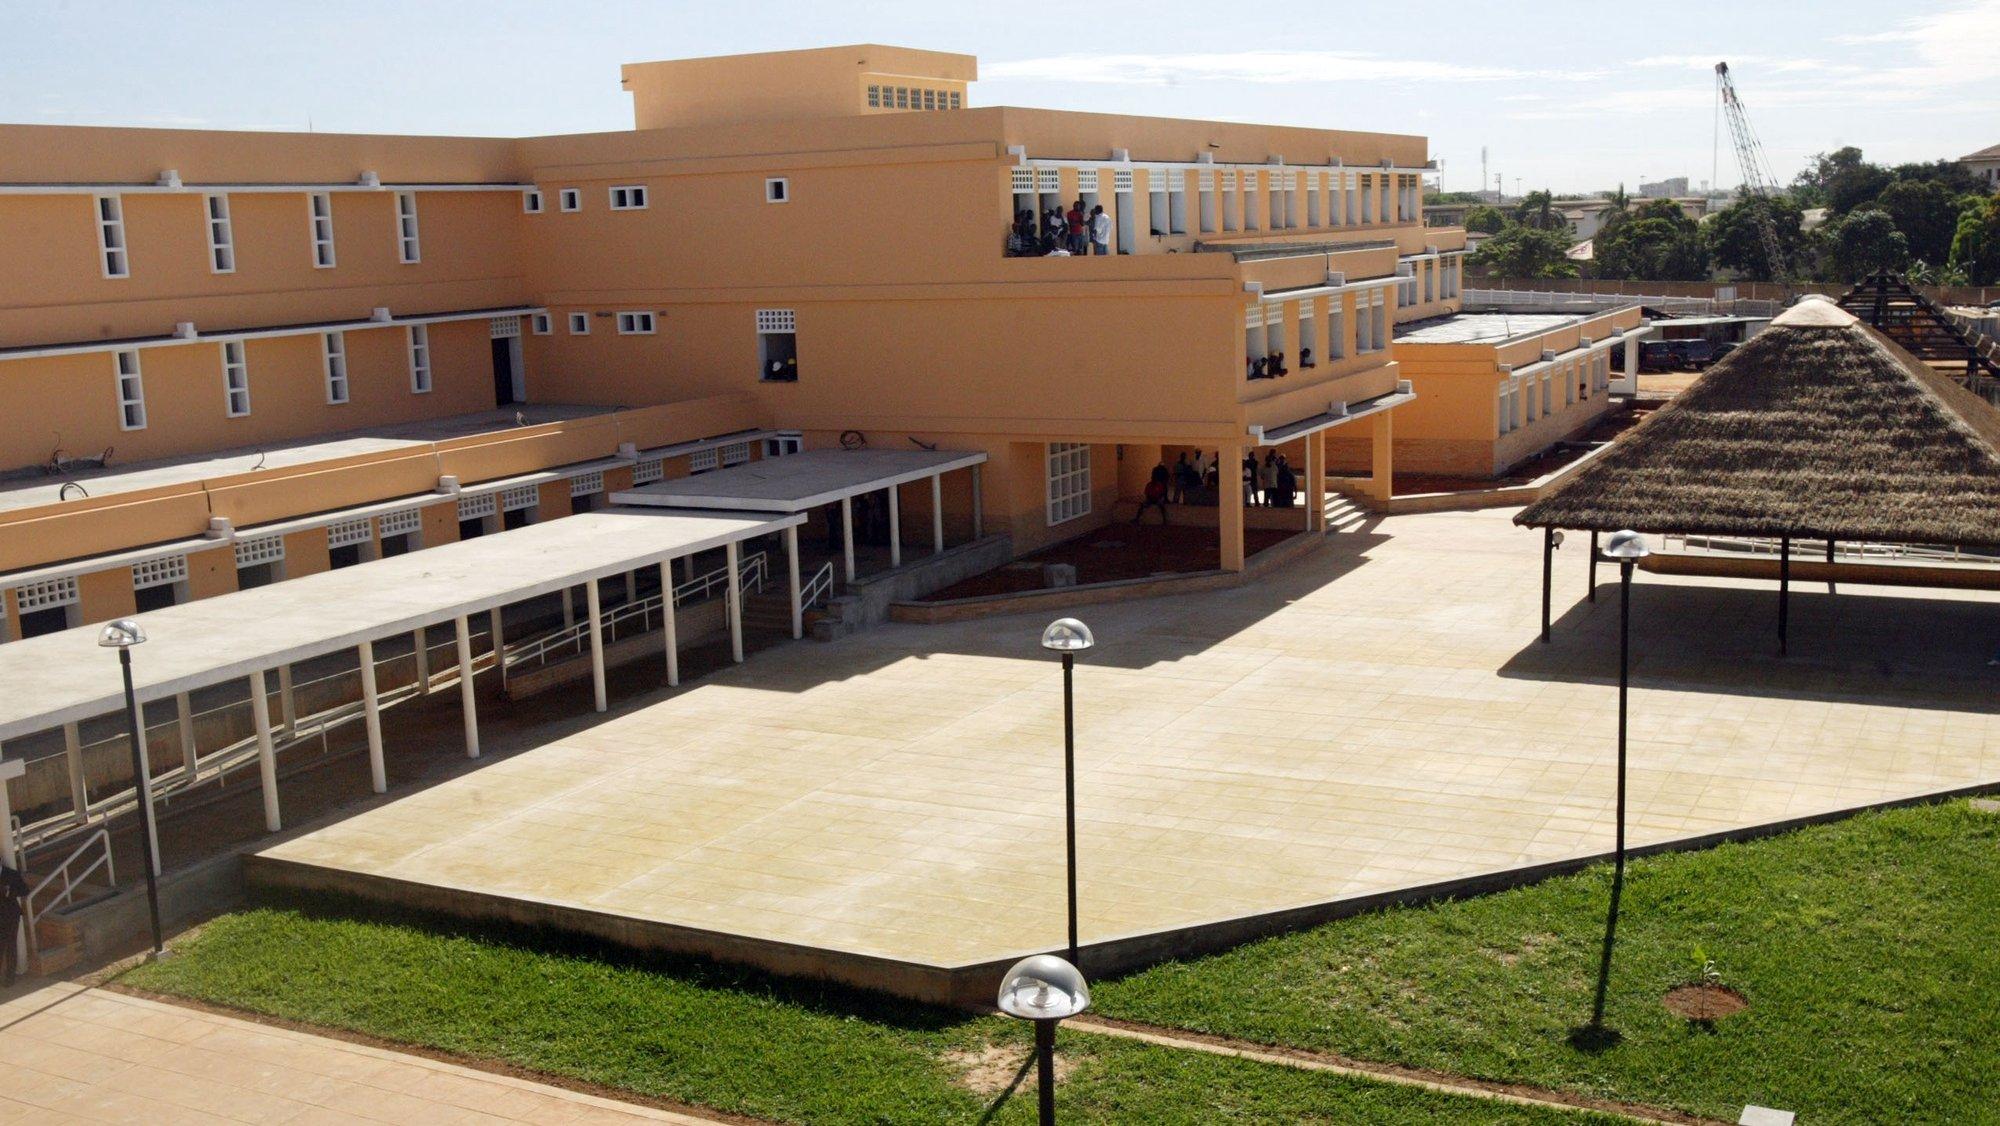 Instalações da Escola Portuguesa em Luanda.  LUSA / ANTONIO COTRIM